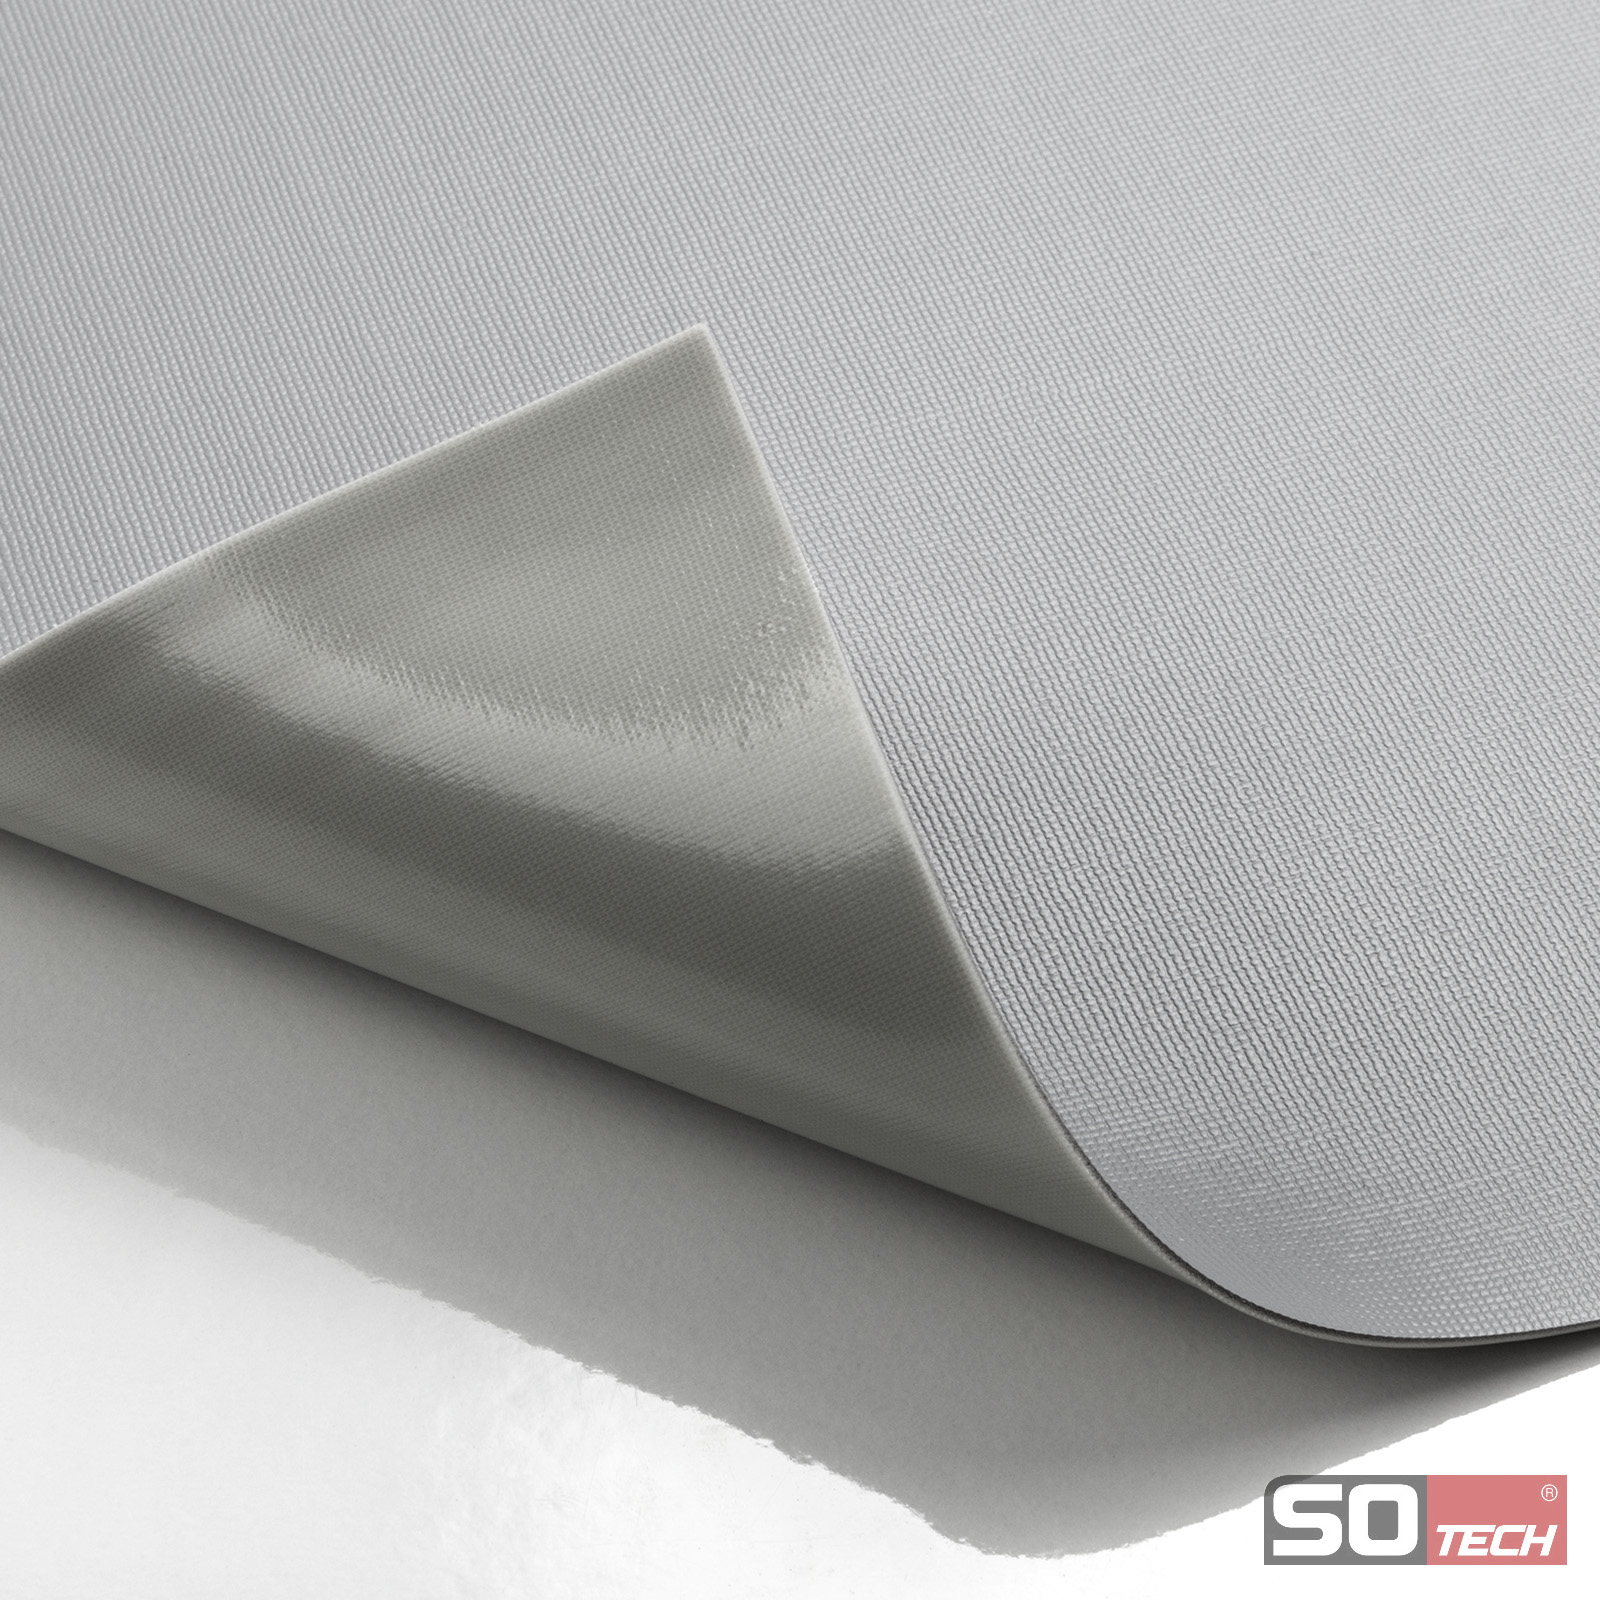 Antirutschmatte Orga-Grip Top 176 - 1076 x 473 mm lichtgrau